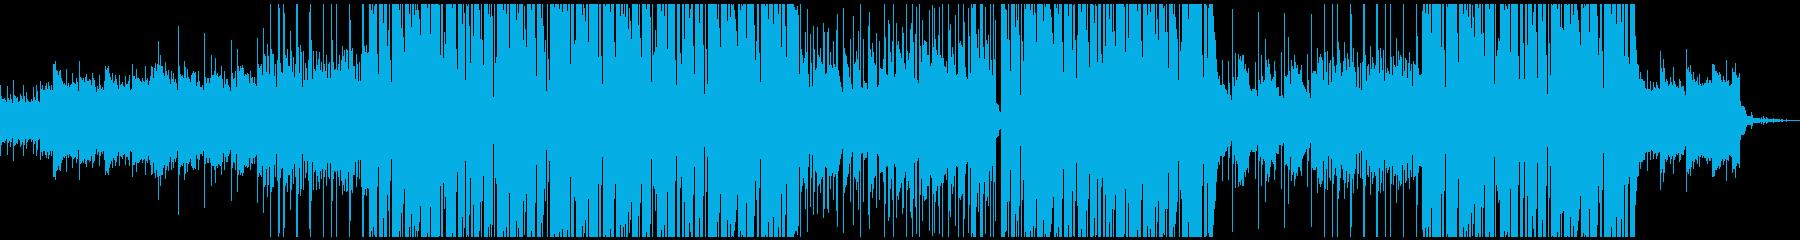 ローファイ感のあるトラップビートの再生済みの波形